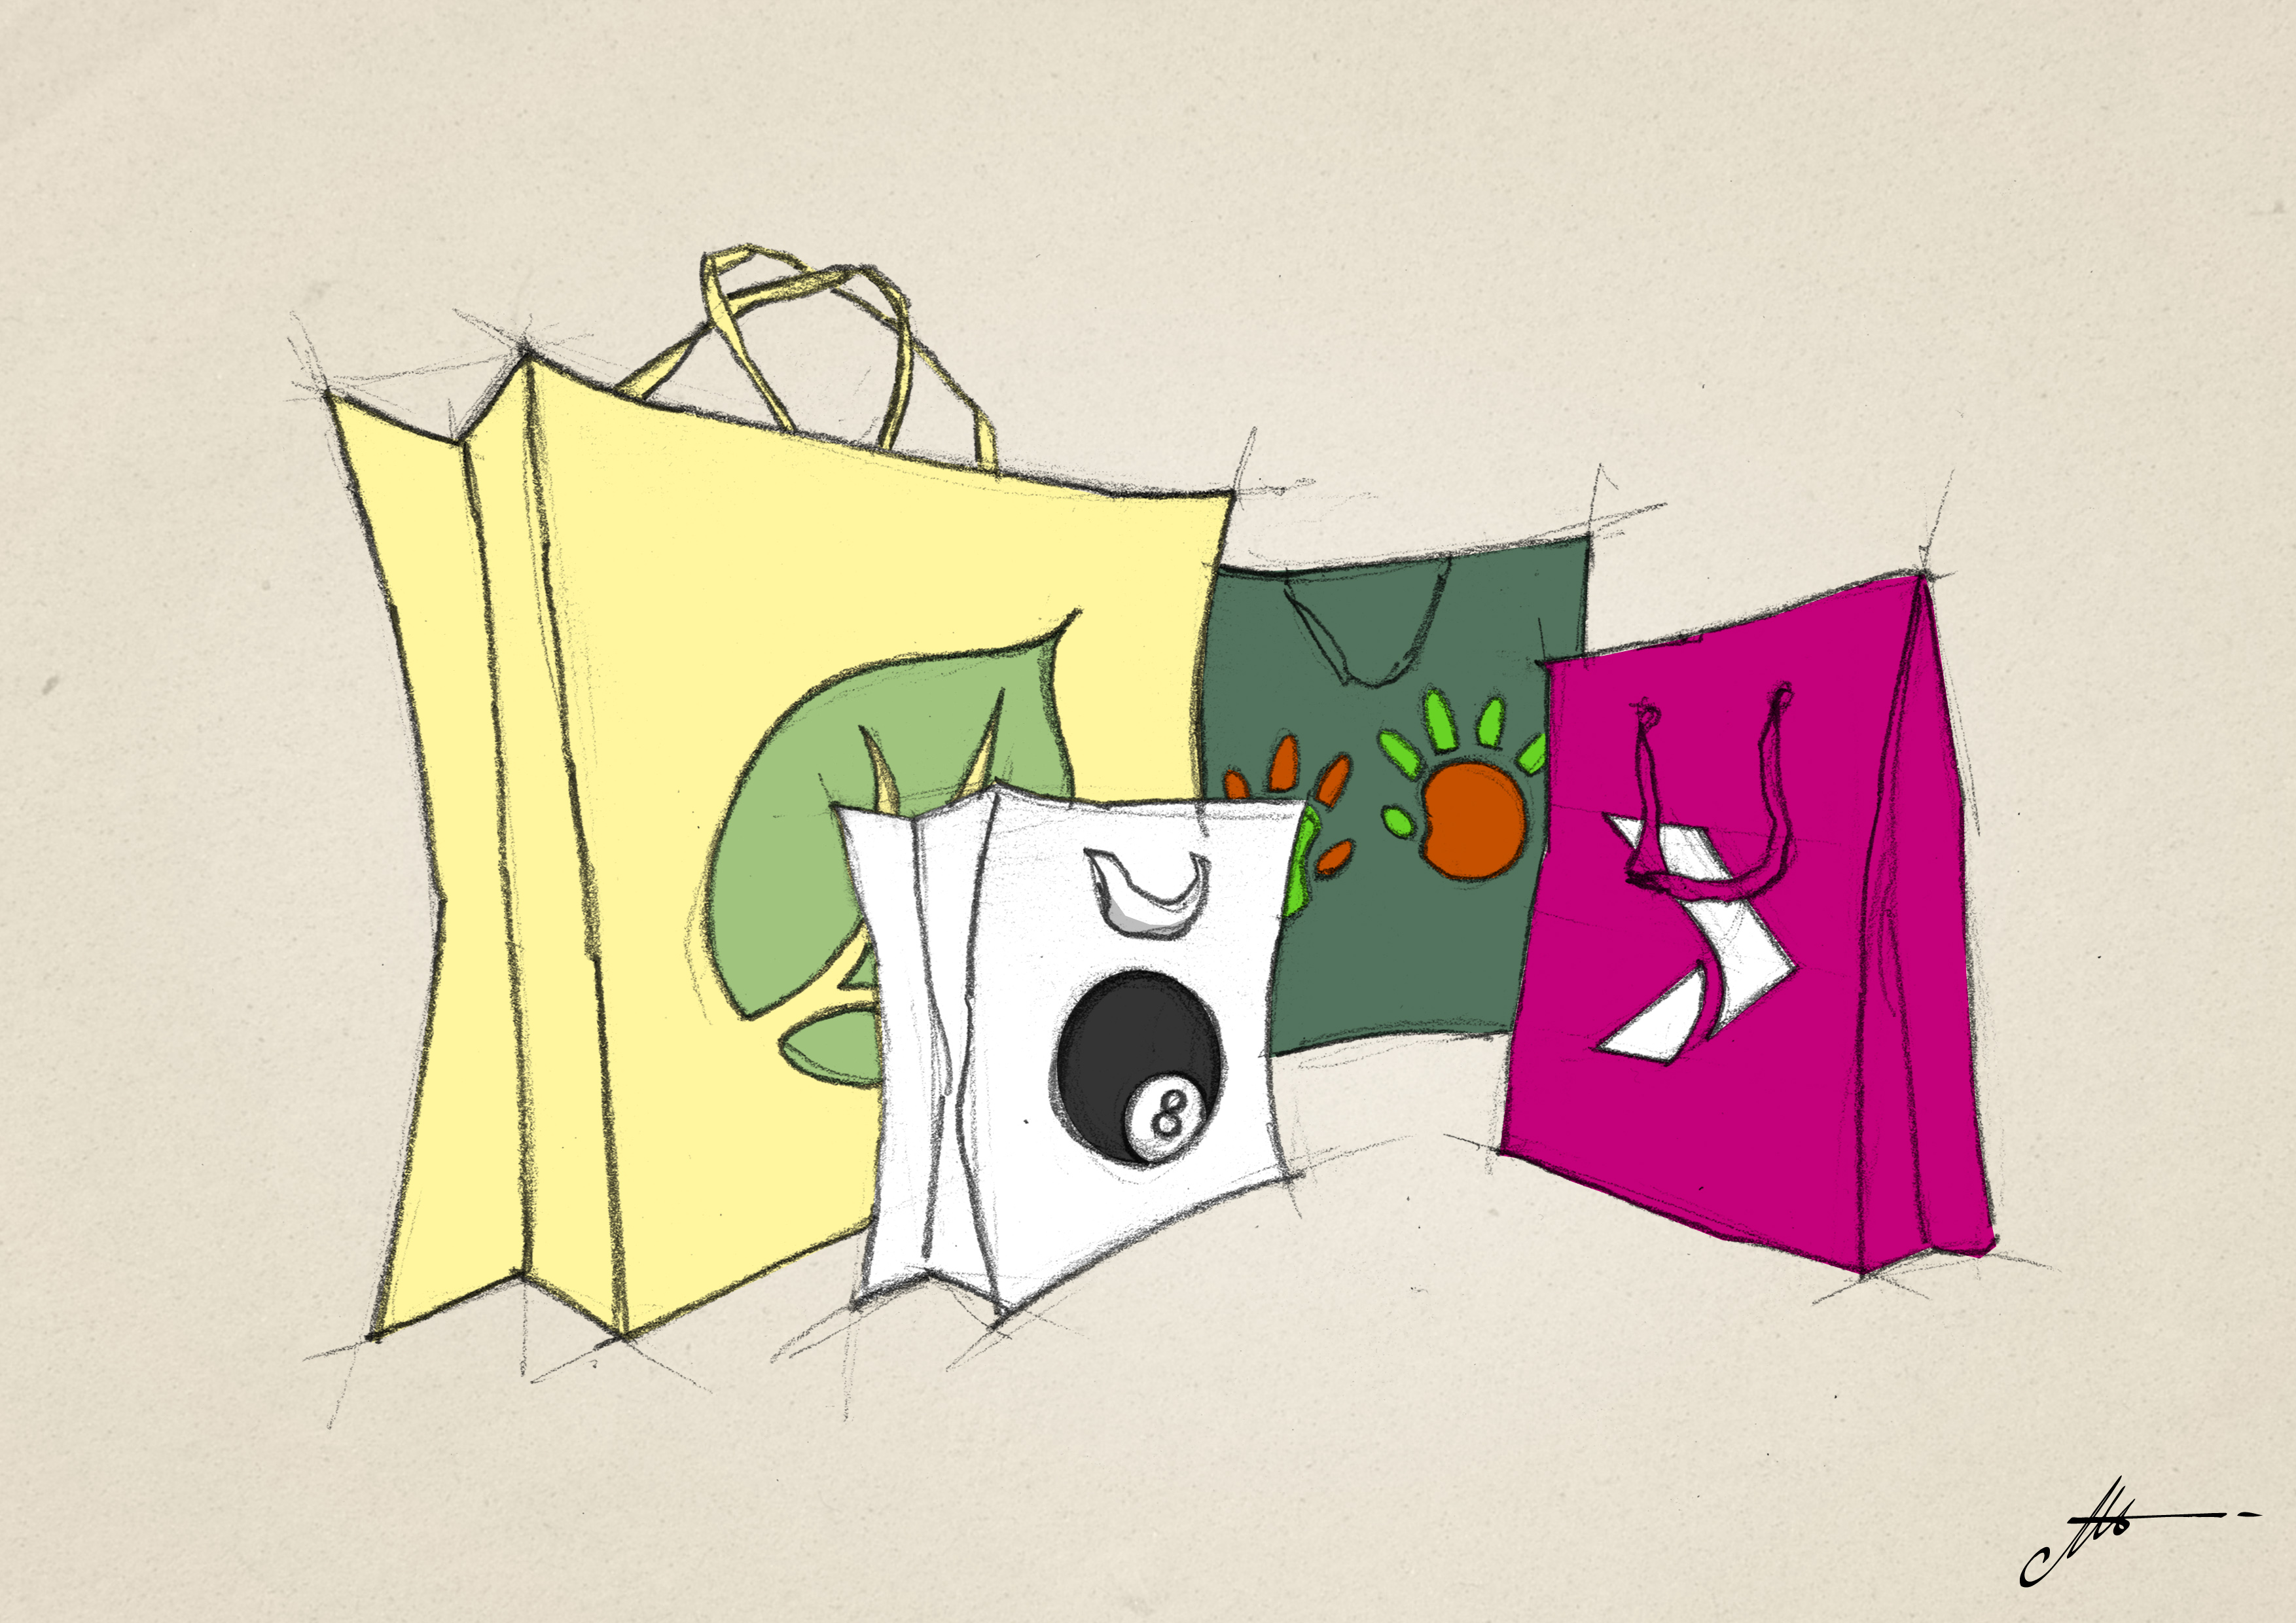 matériel nécessaire pour imprimer en sérigraphie sur des sacs shoppers